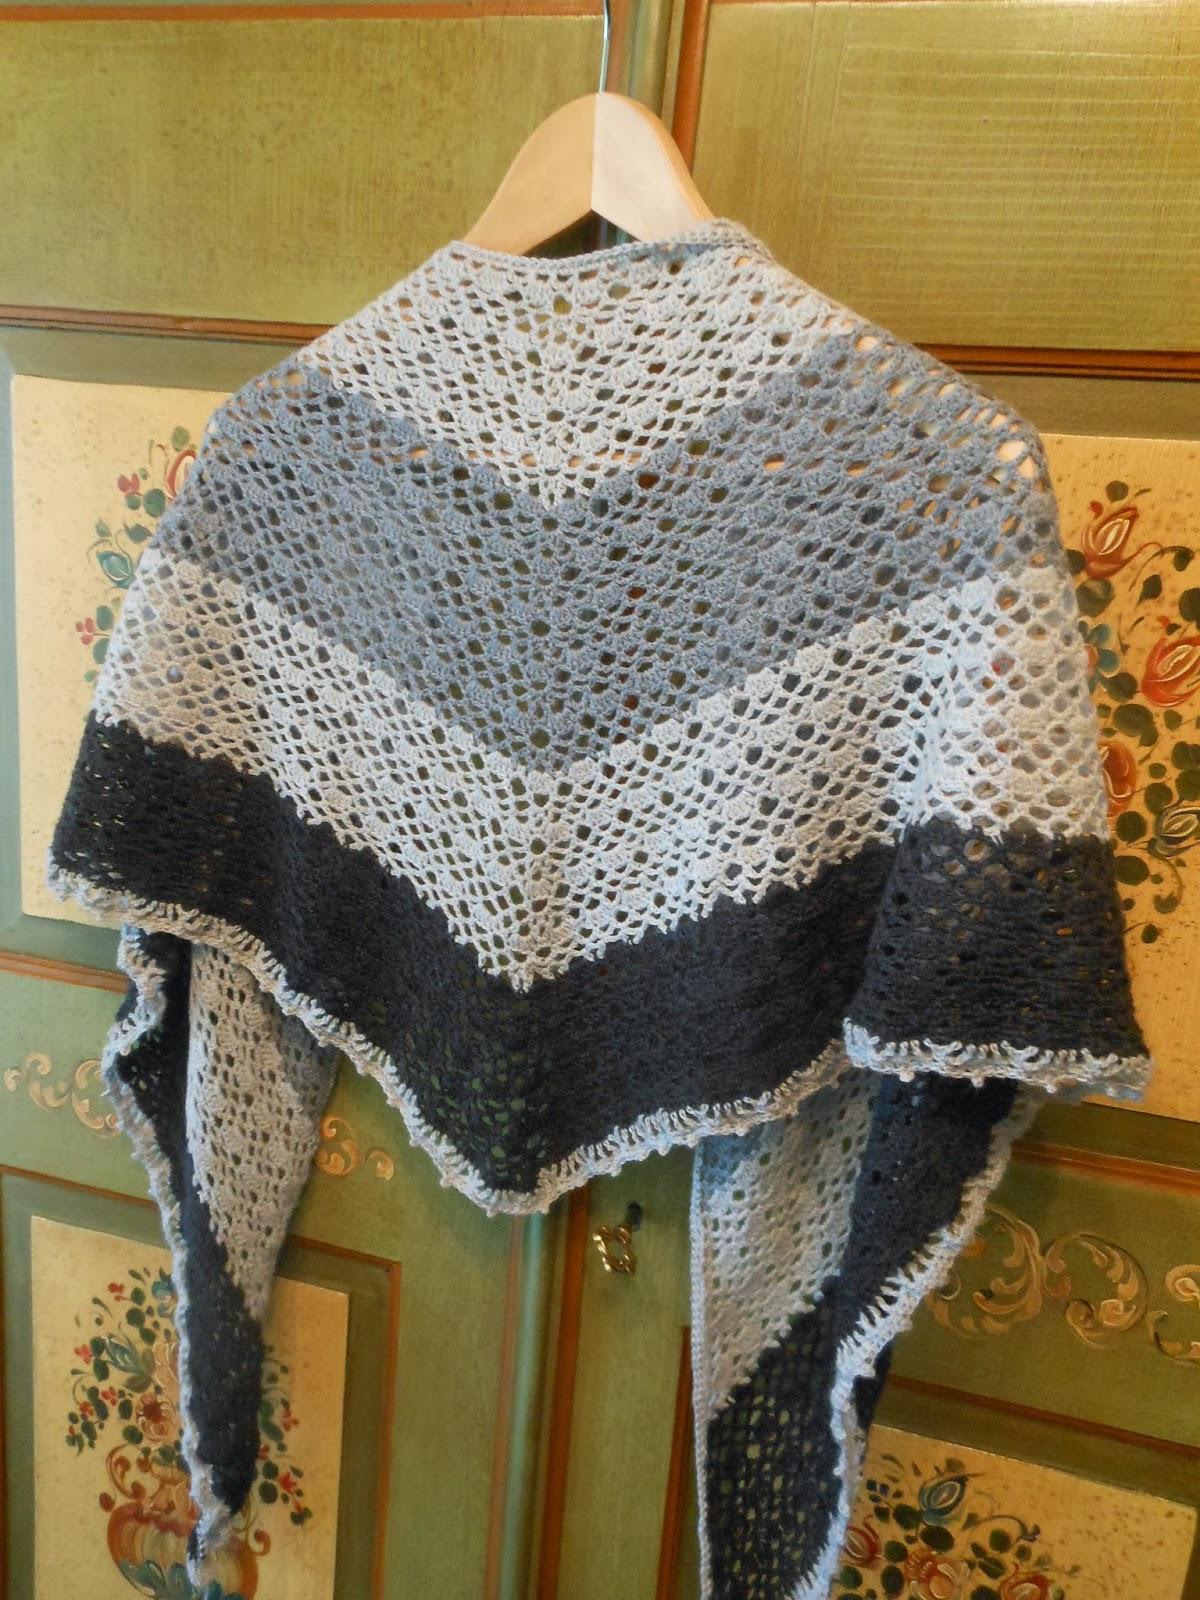 ac3cfd856fd E' fatto all'uncinetto; nei colori grigio chiaro, grigio medio ed  antracite, ma potete benissimo cambiare tonalità purchè troviate nello  stesso tipo di lana ...